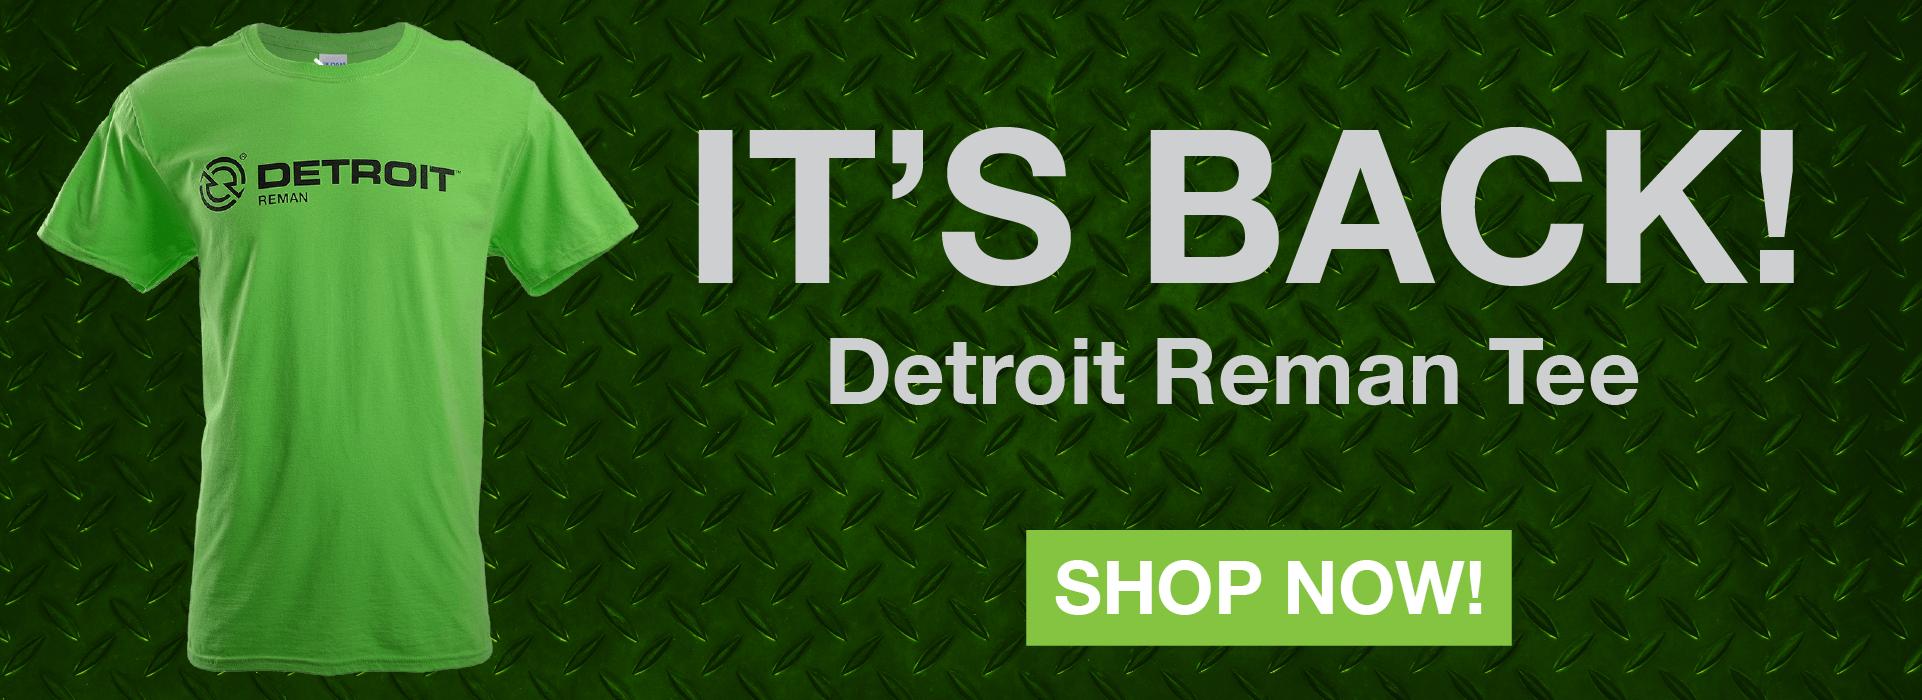 It's back! Detroit Reman Tee. Shop Now!